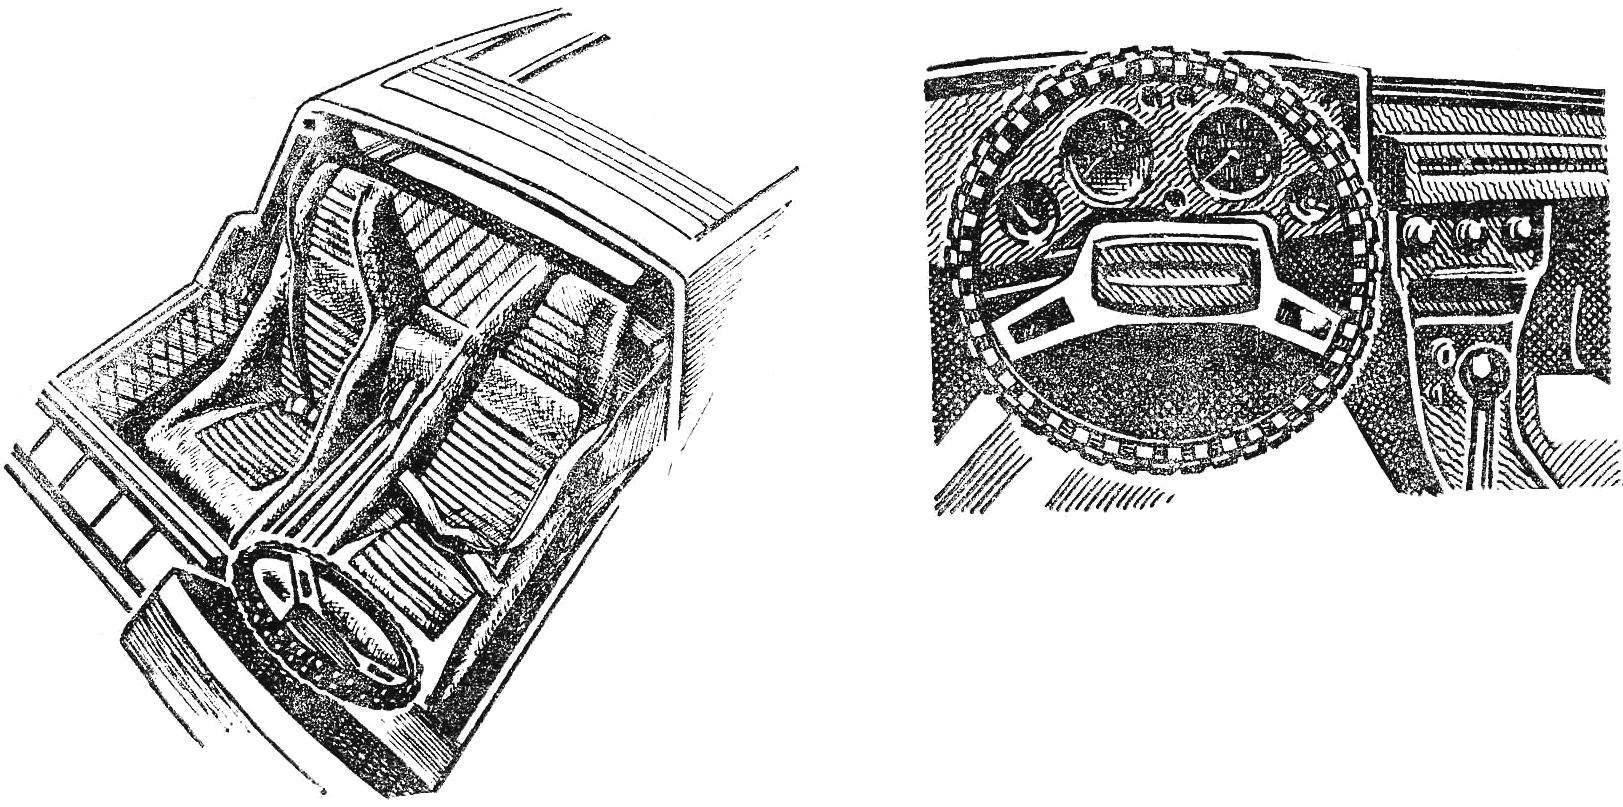 Интерьер кабины и приборный щиток с рулевым колесом автомобиля «Шкода-110 GT».